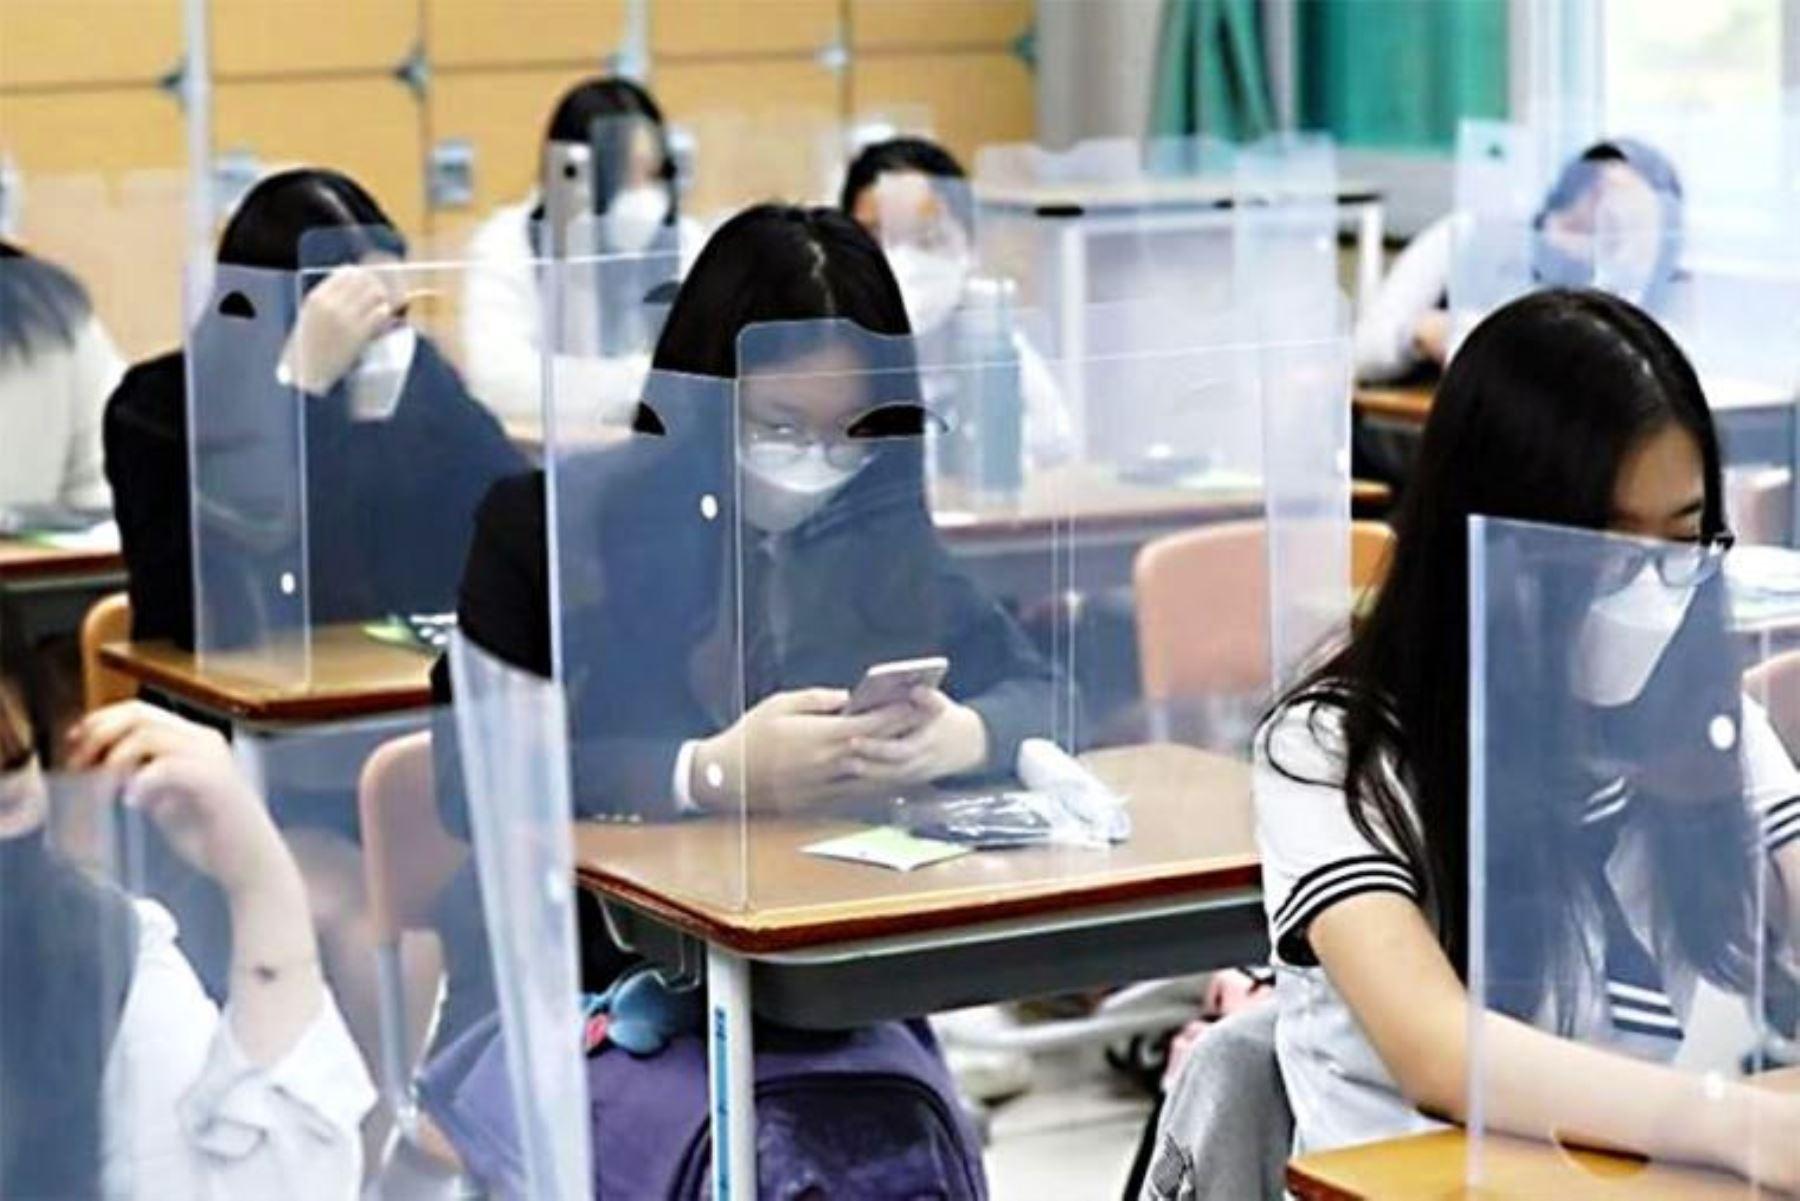 Minedu: clases semipresenciales en universidades retornarán en el primer ciclo del 2022. Foto: ANDINA/Difusión.